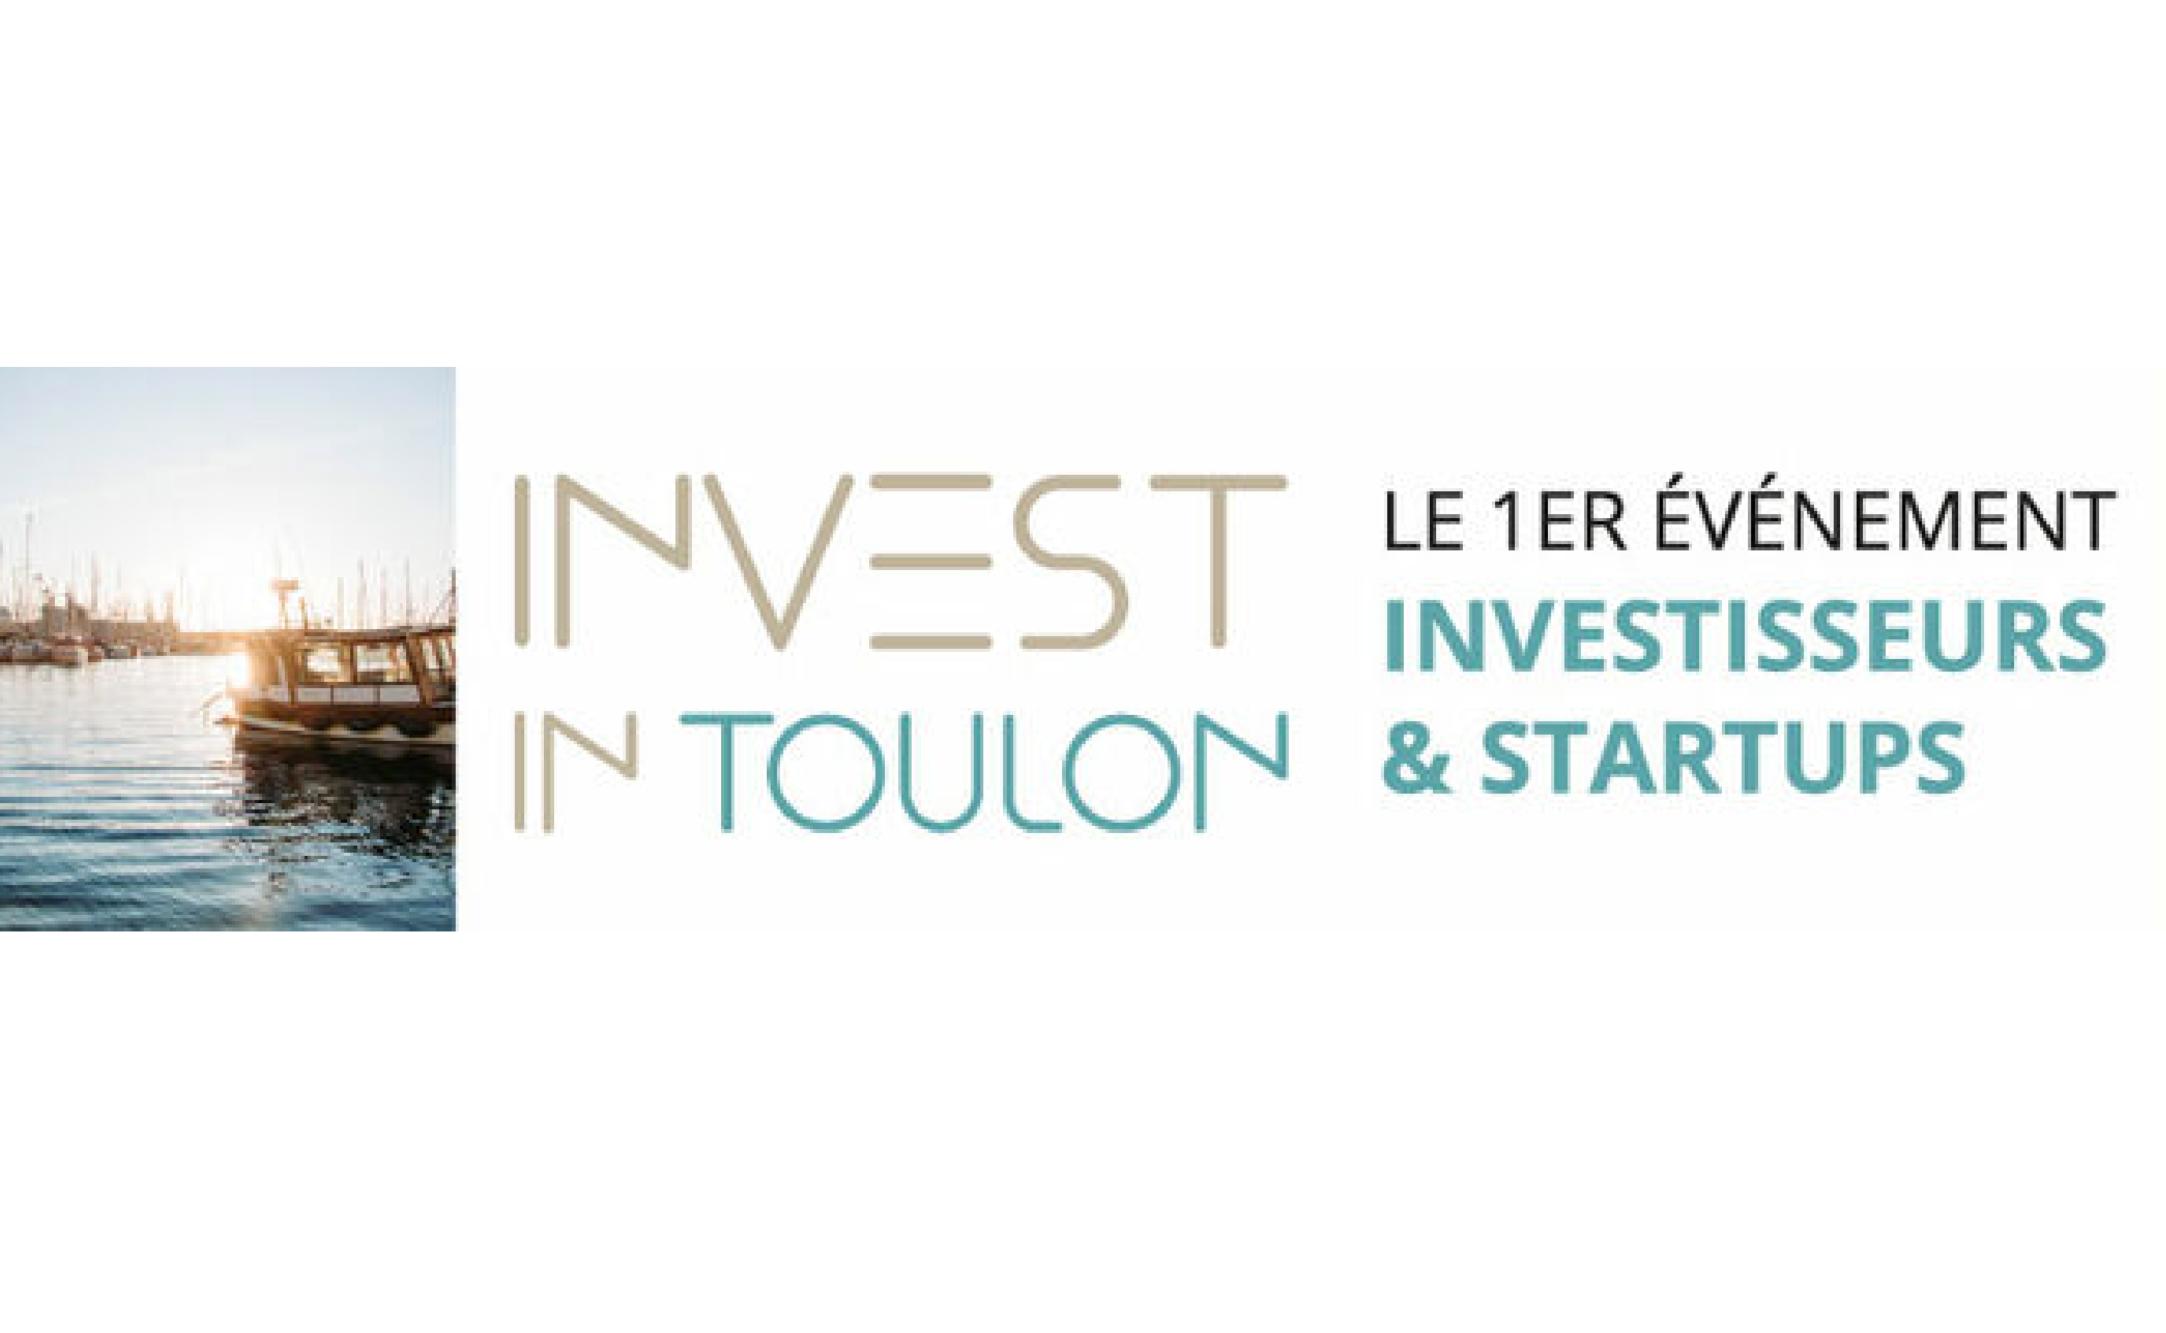 Retis partenaire d'Invest in Toulon par TVT Innovation, le 1er juillet 2021 à Toulon